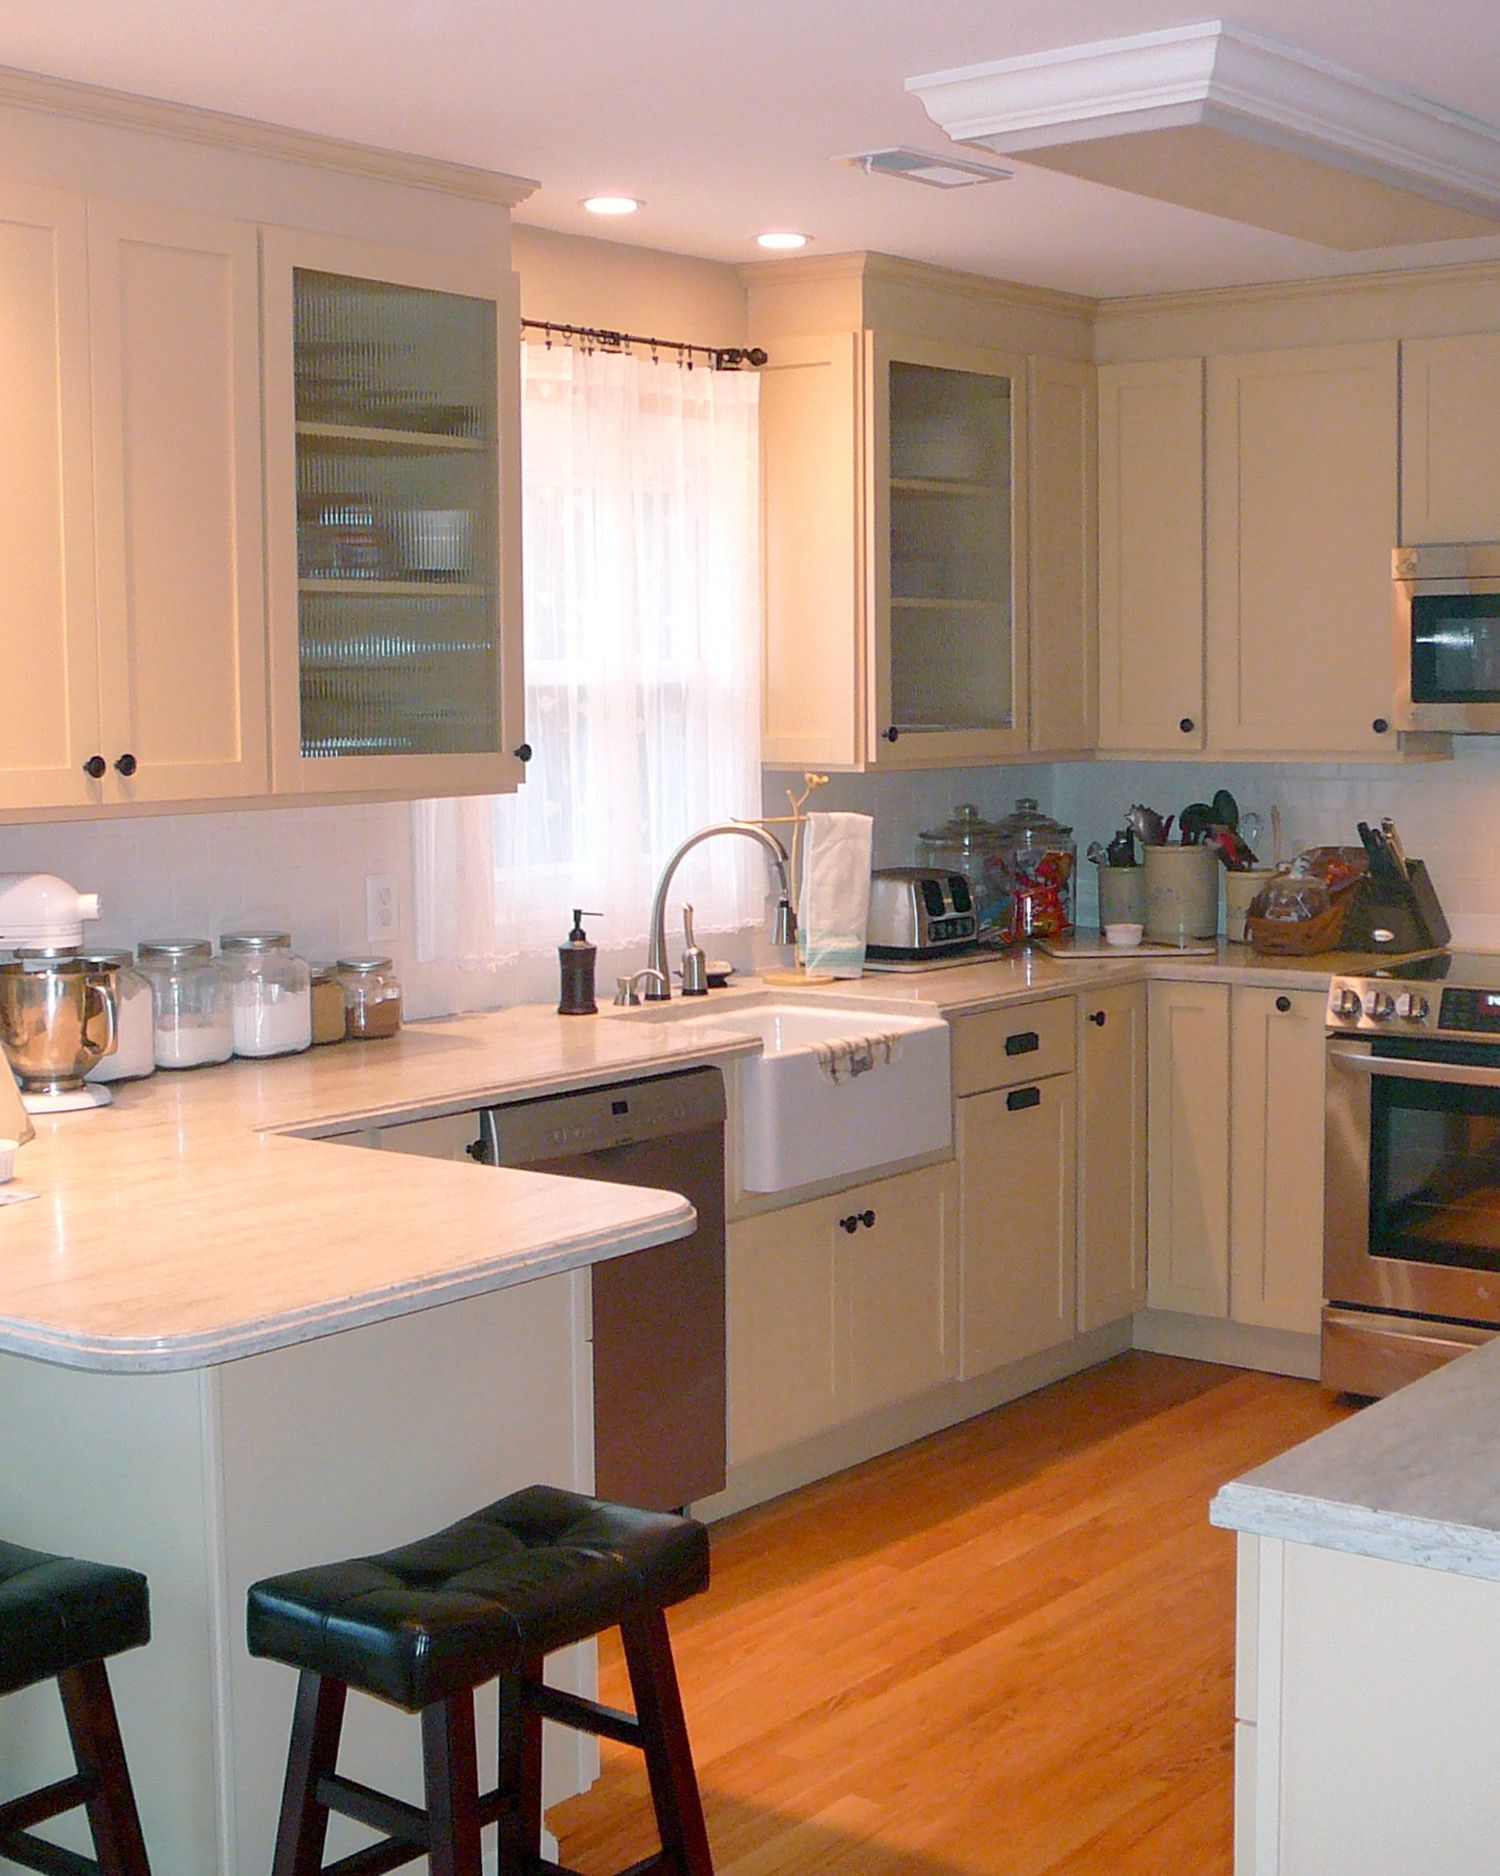 20 Beautiful Functional Kitchens To Inspire Your Own Martha Stewart Living Kitchen Kitchen Design Kitchen Layout